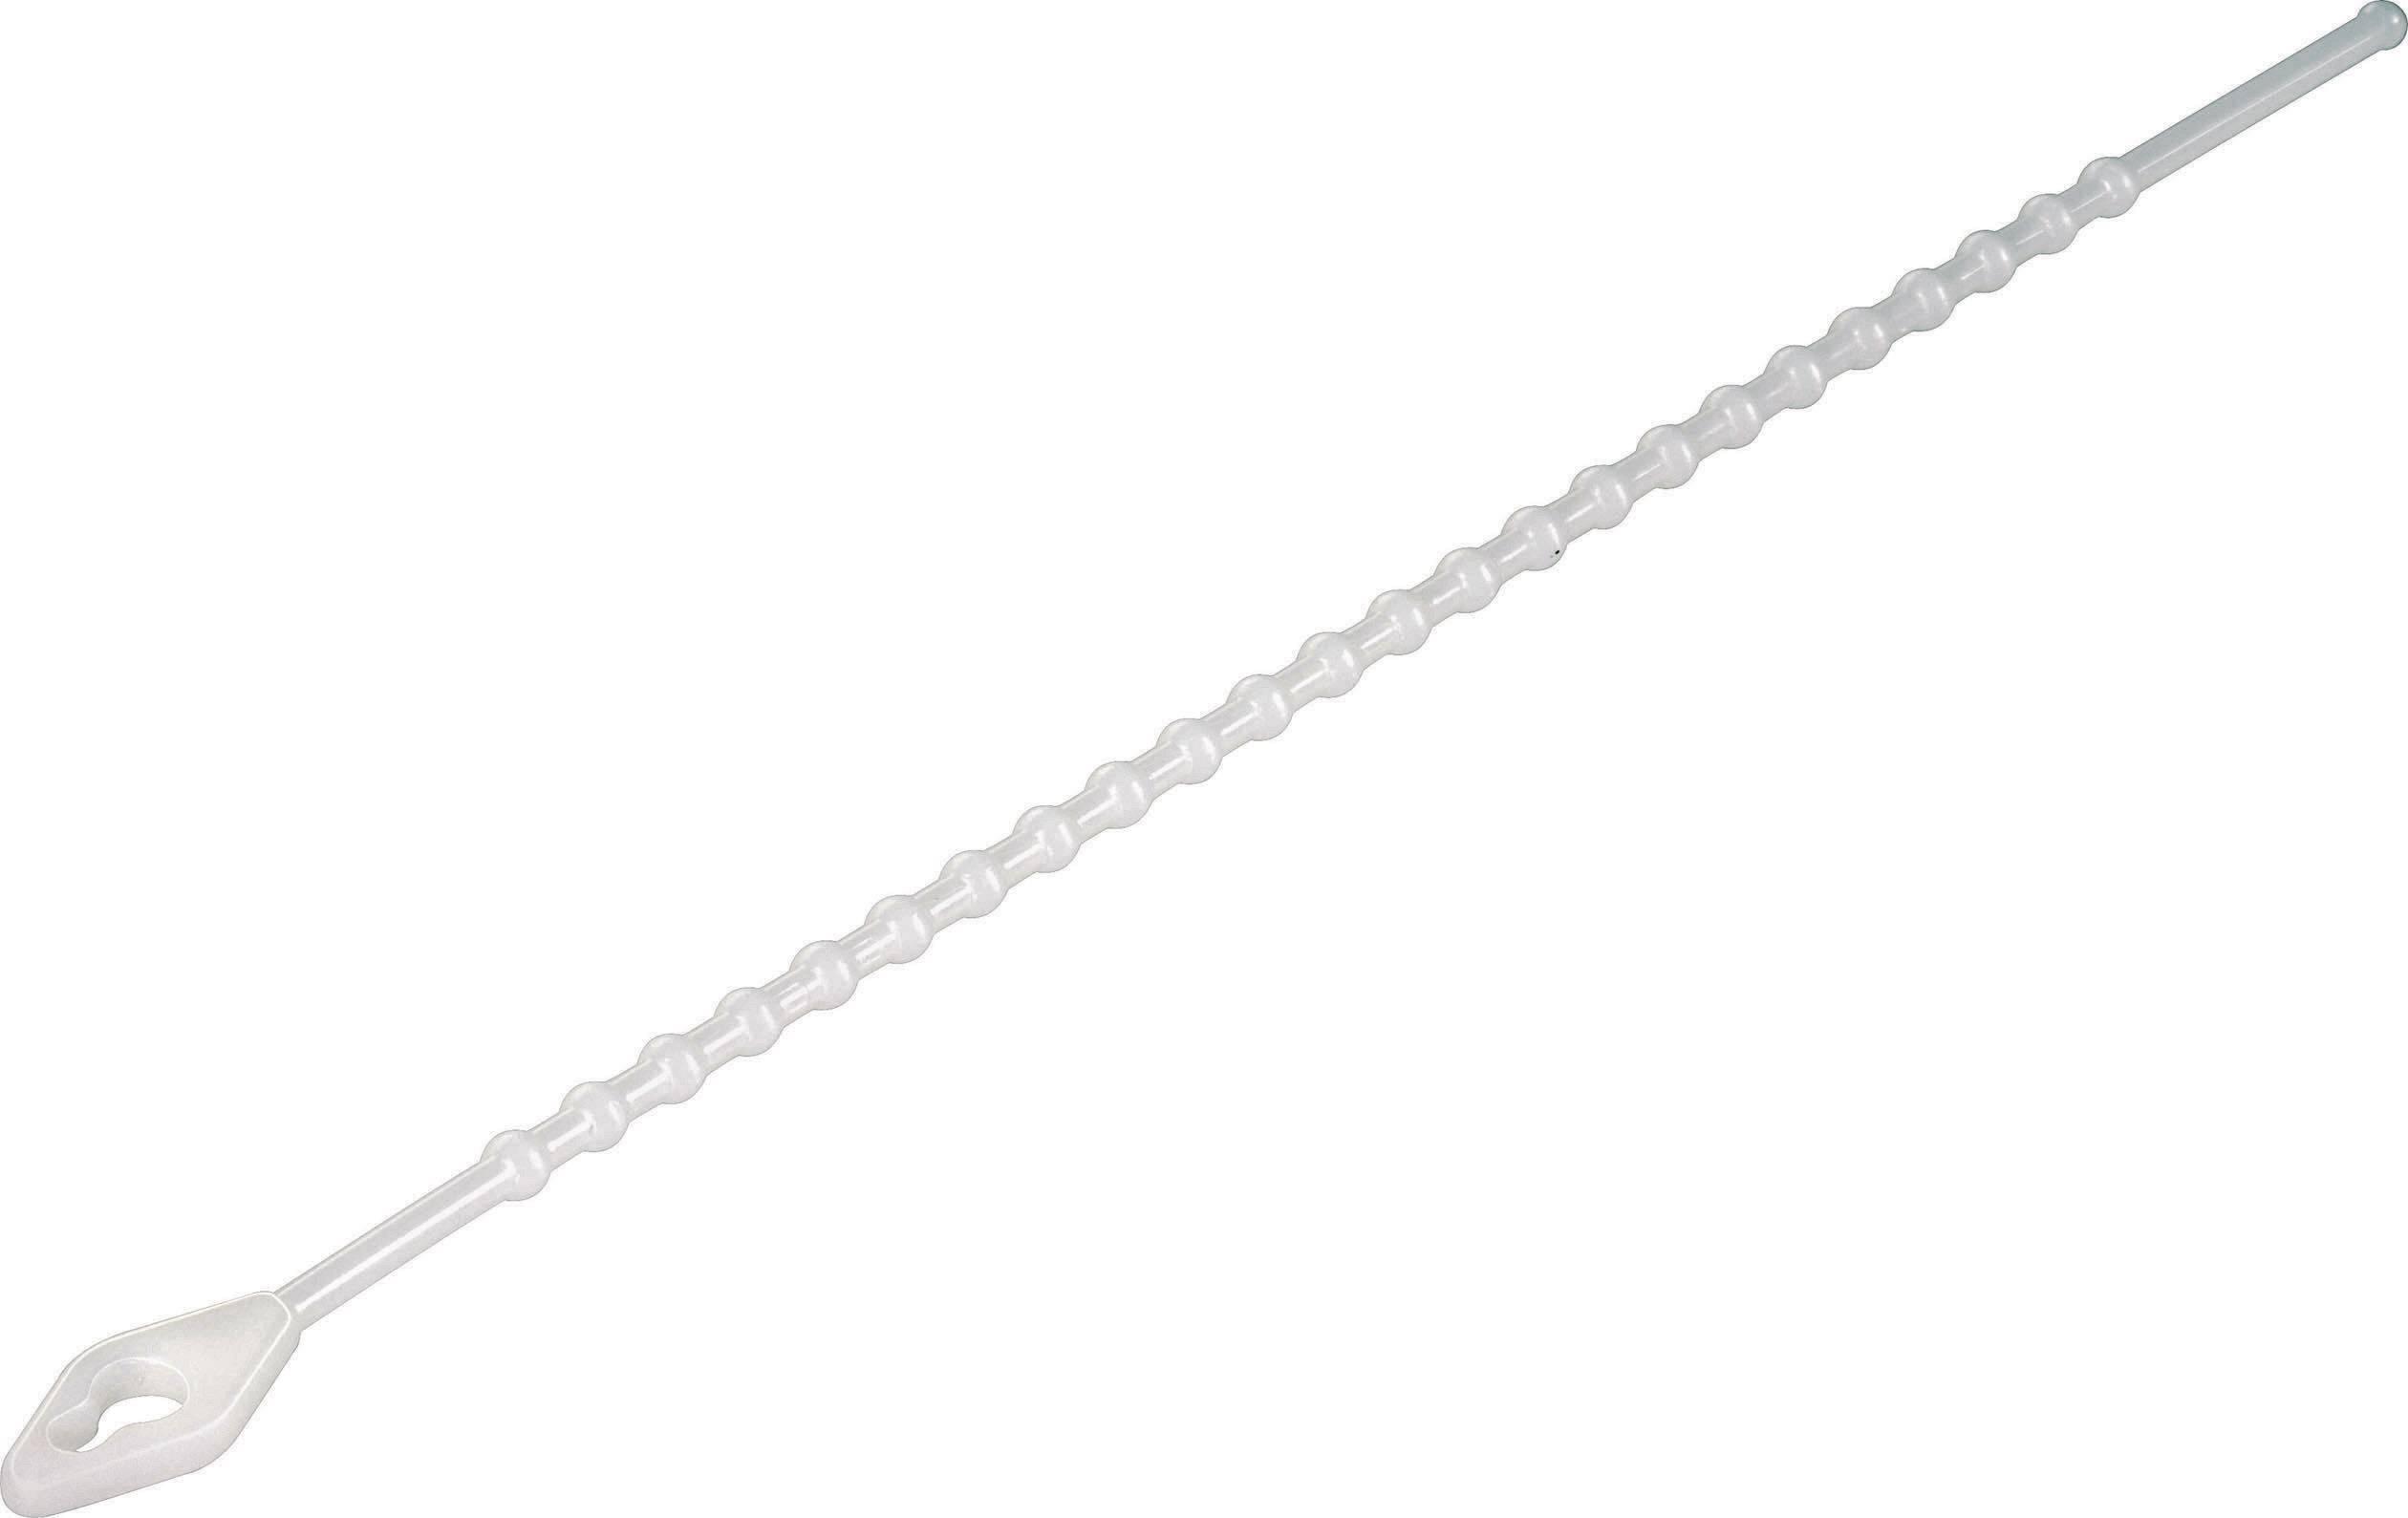 Guľôčková sťahovacia páska KSS TV100 541543, 100 mm, prírodná, 100 ks